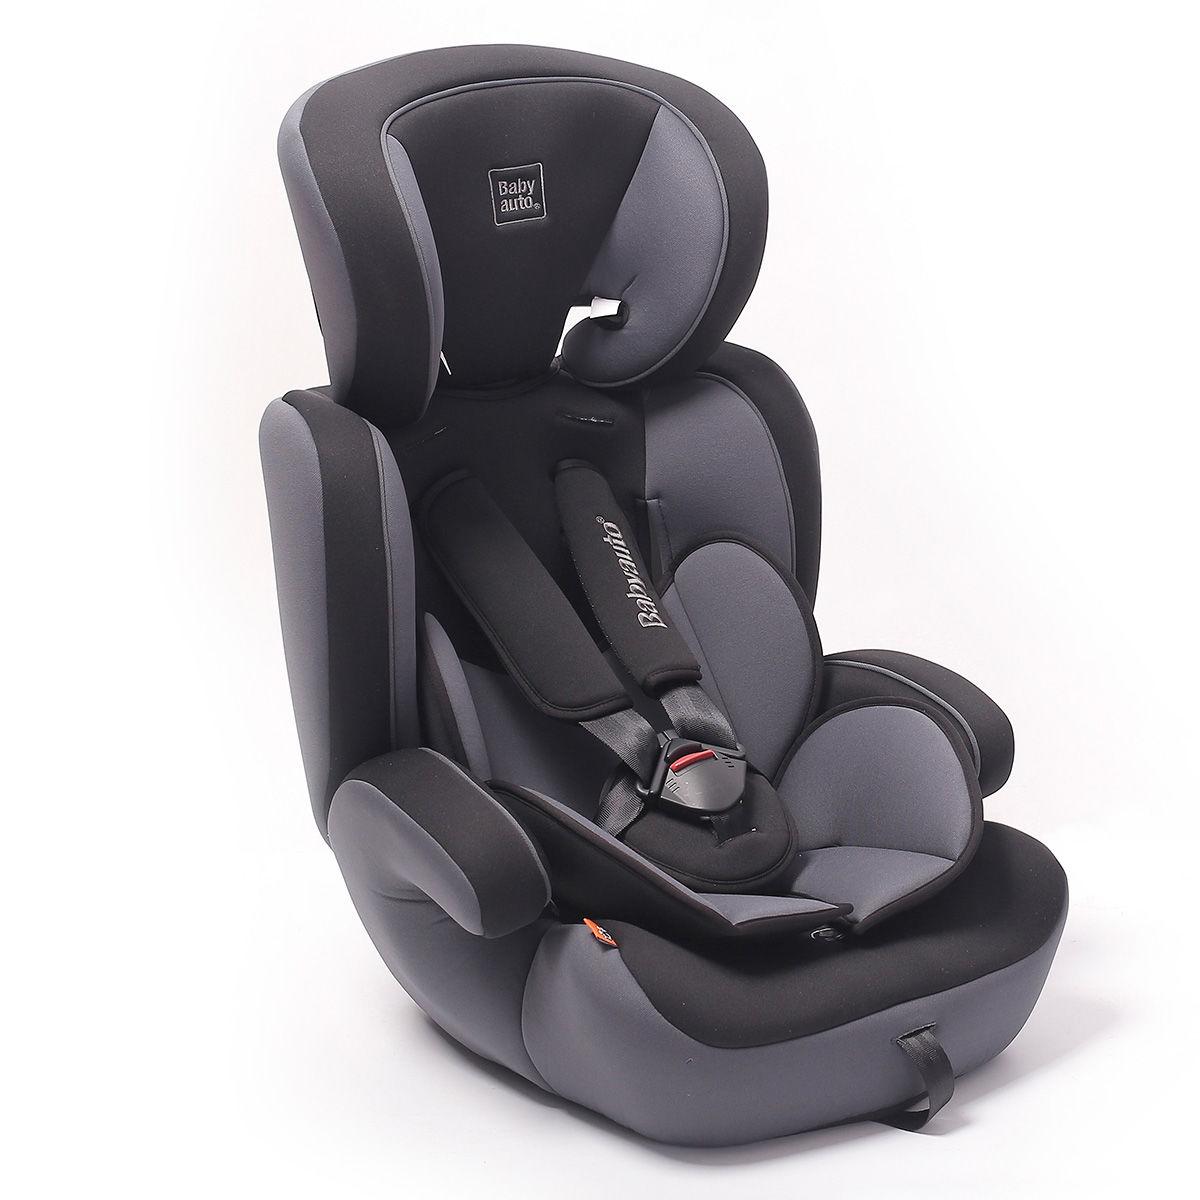 Afbeelding van Autostoel Babyauto Konar Zwart (9-36kg)